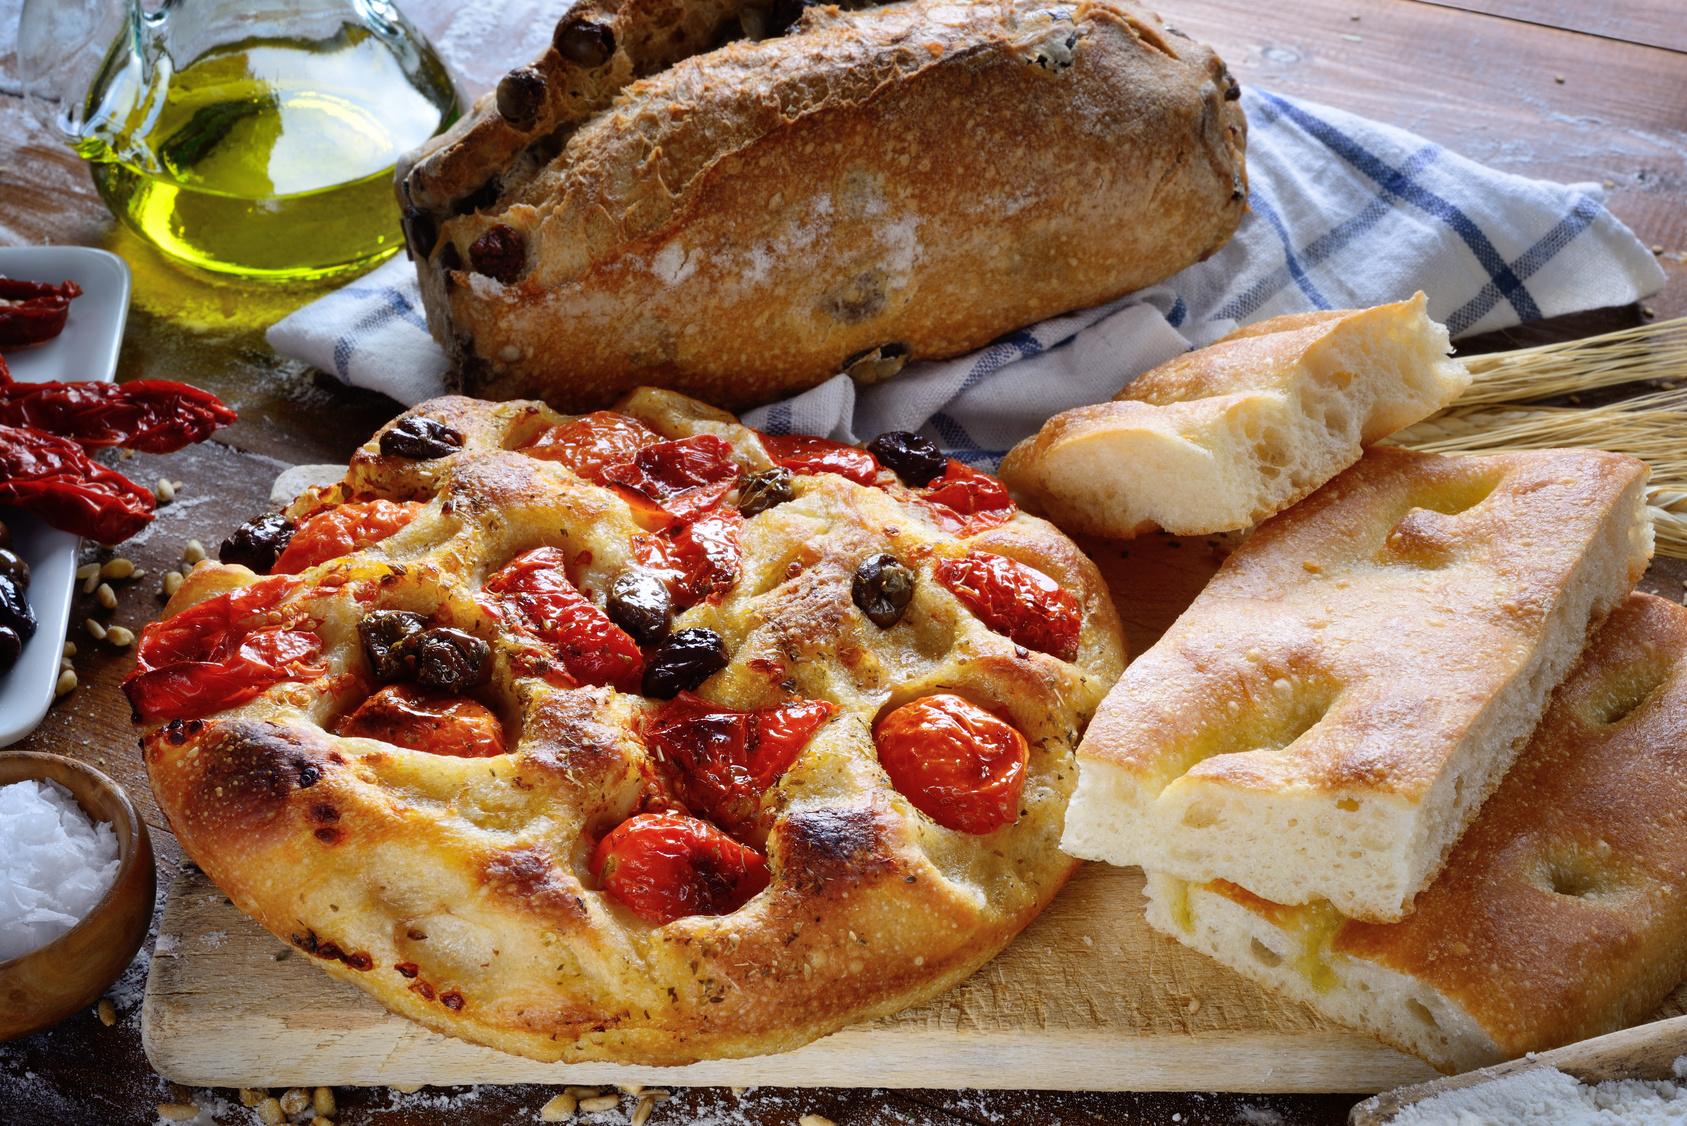 cucina schiacciata e pizza